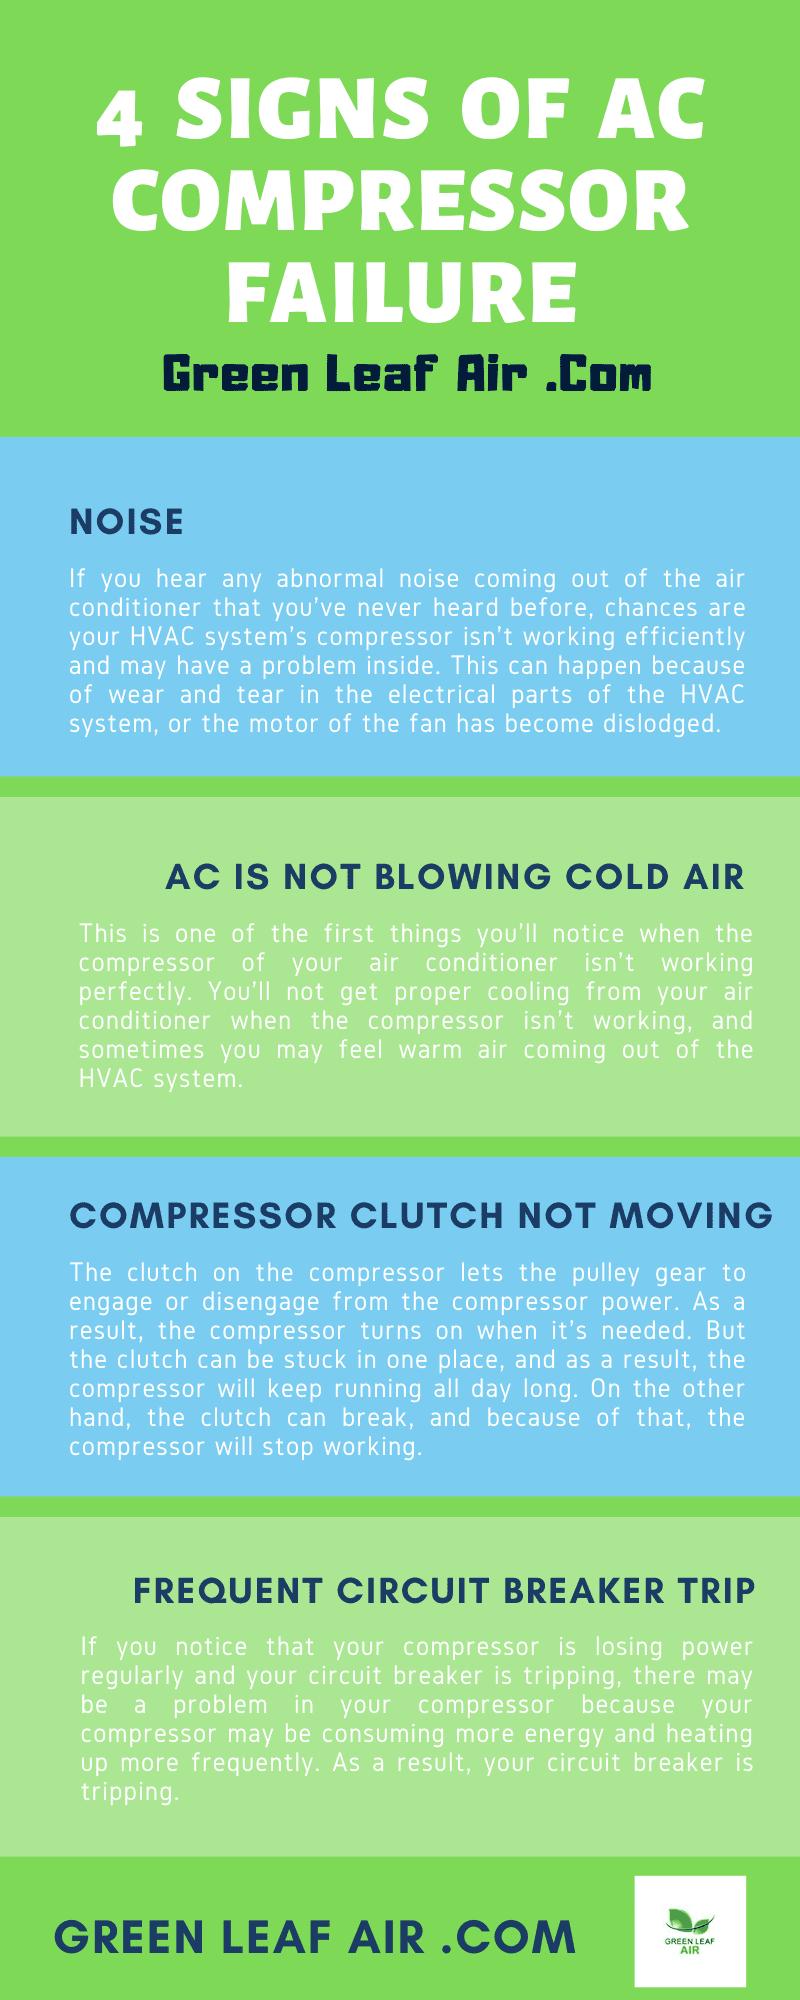 4 Signs of AC Compressor Failure